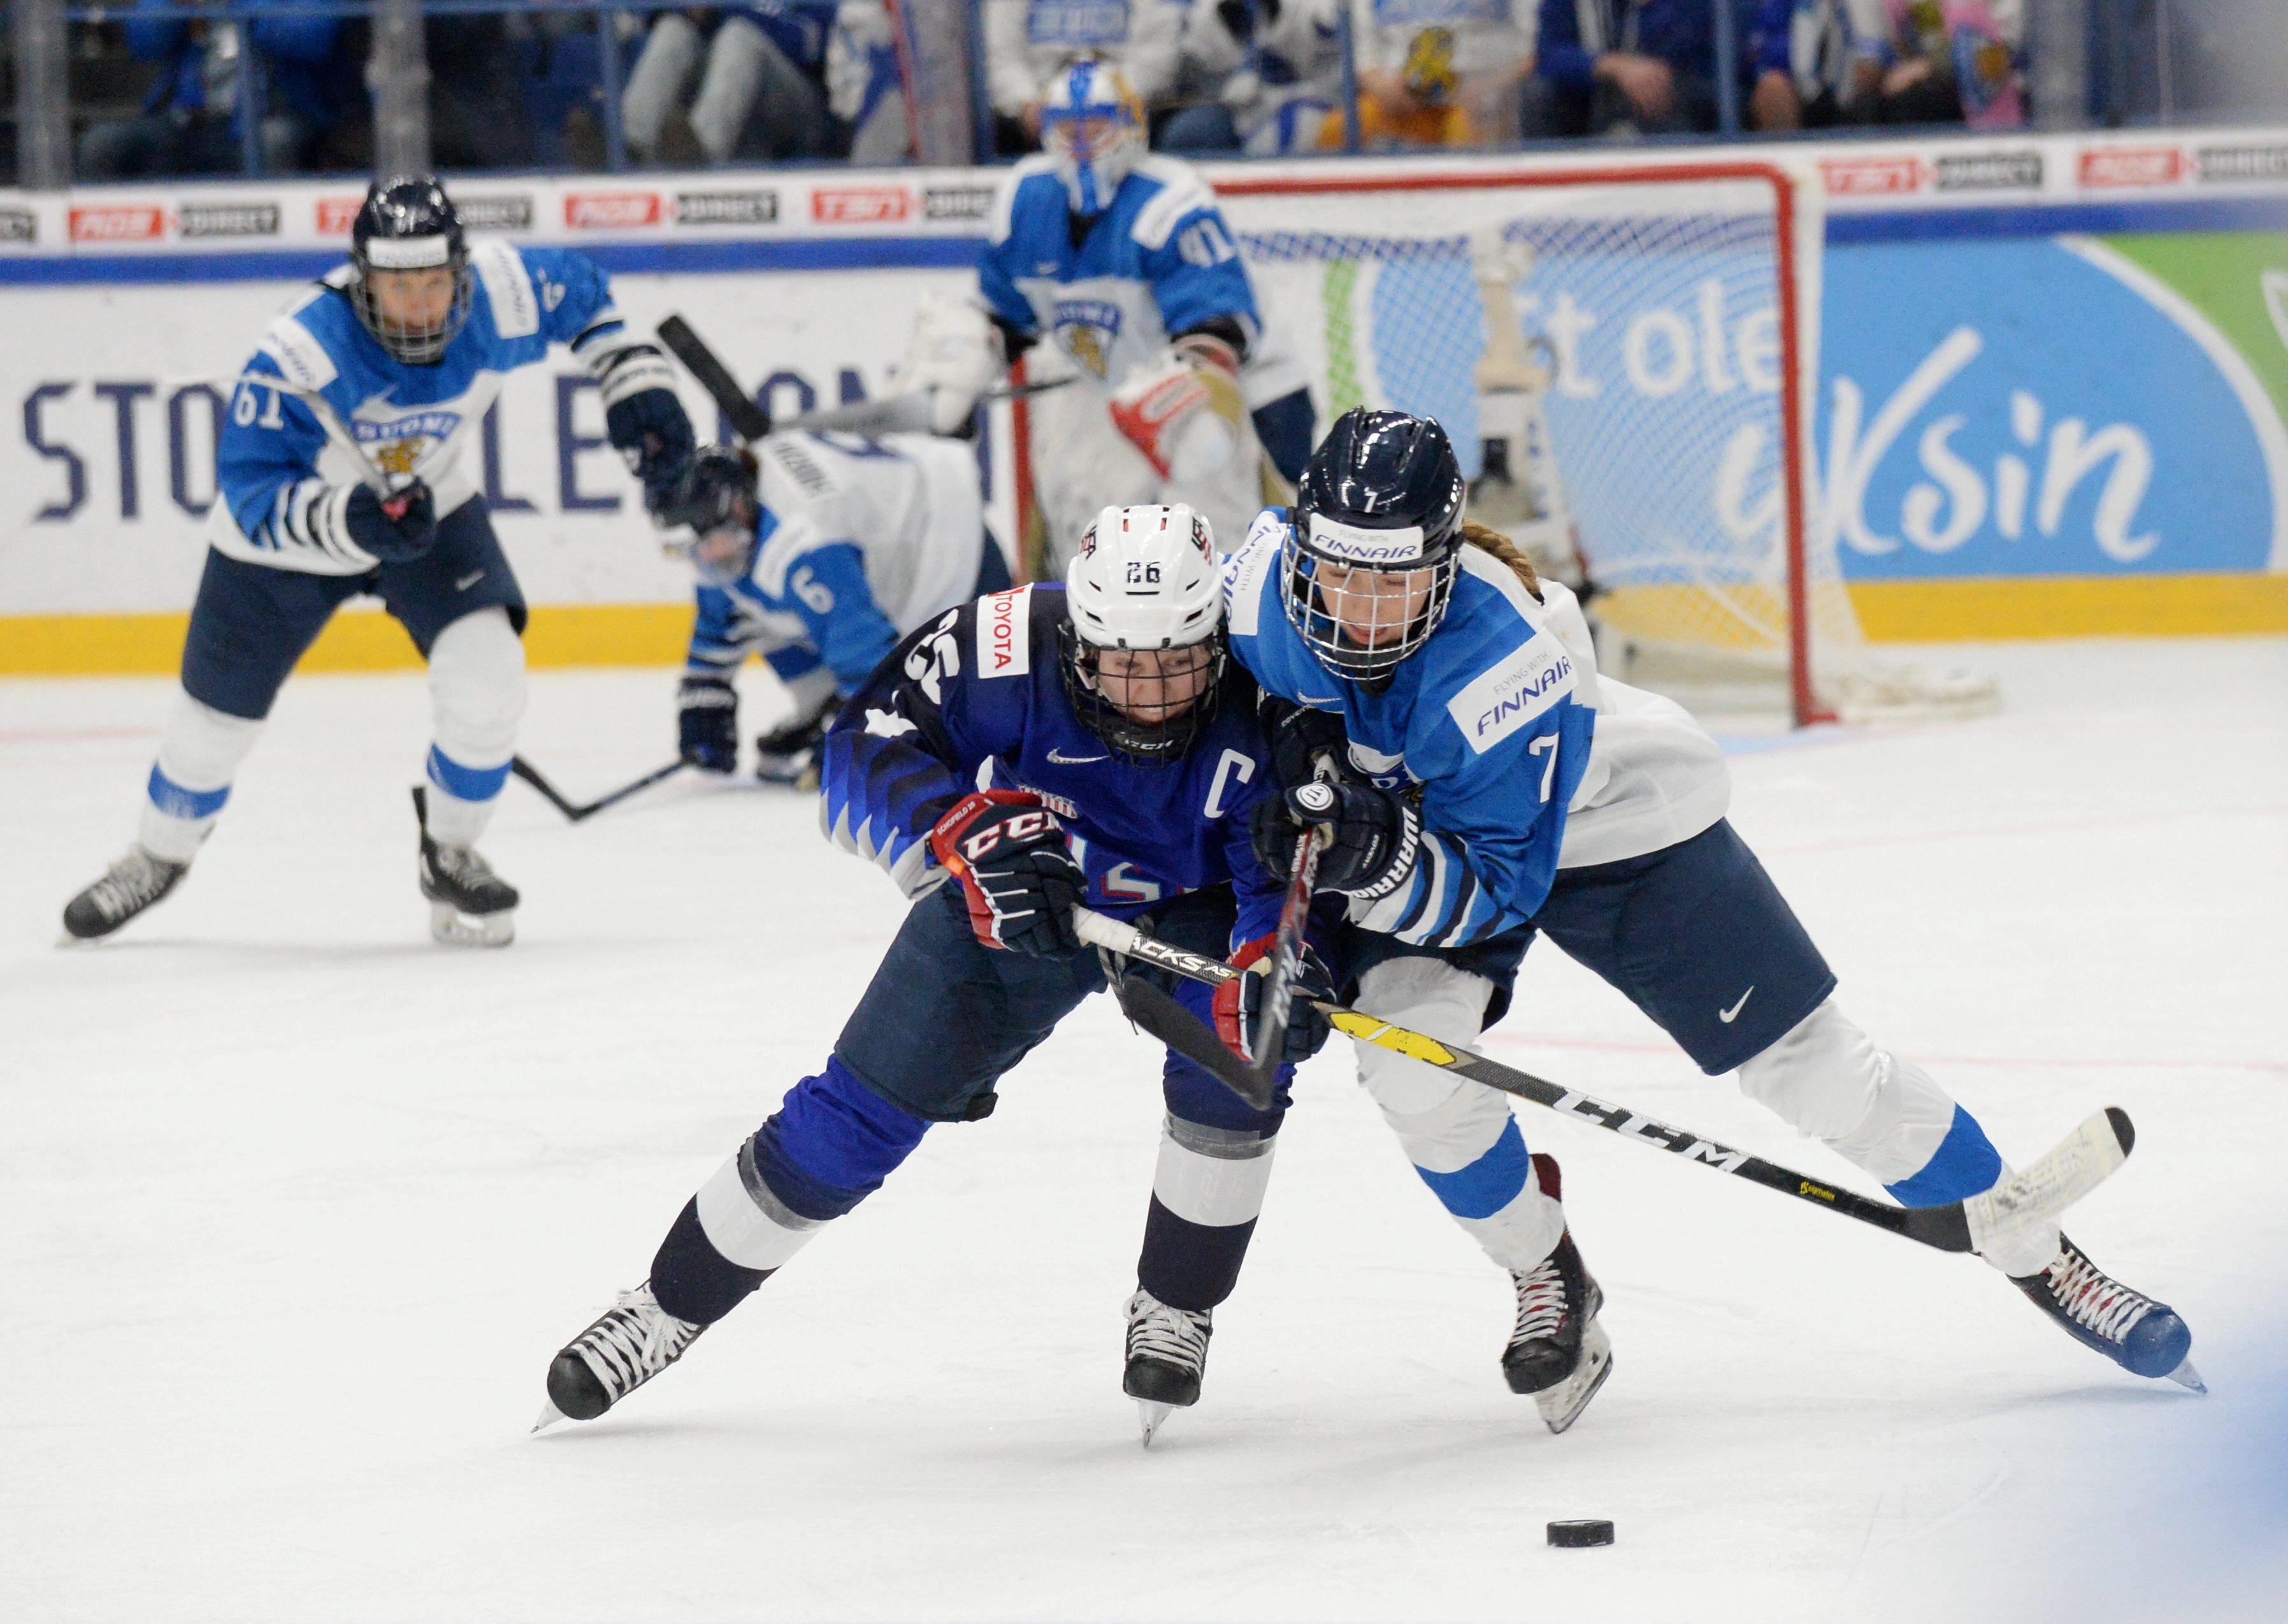 TOPSHOT-IHOCKEY-WC-IIHF-US-FIN